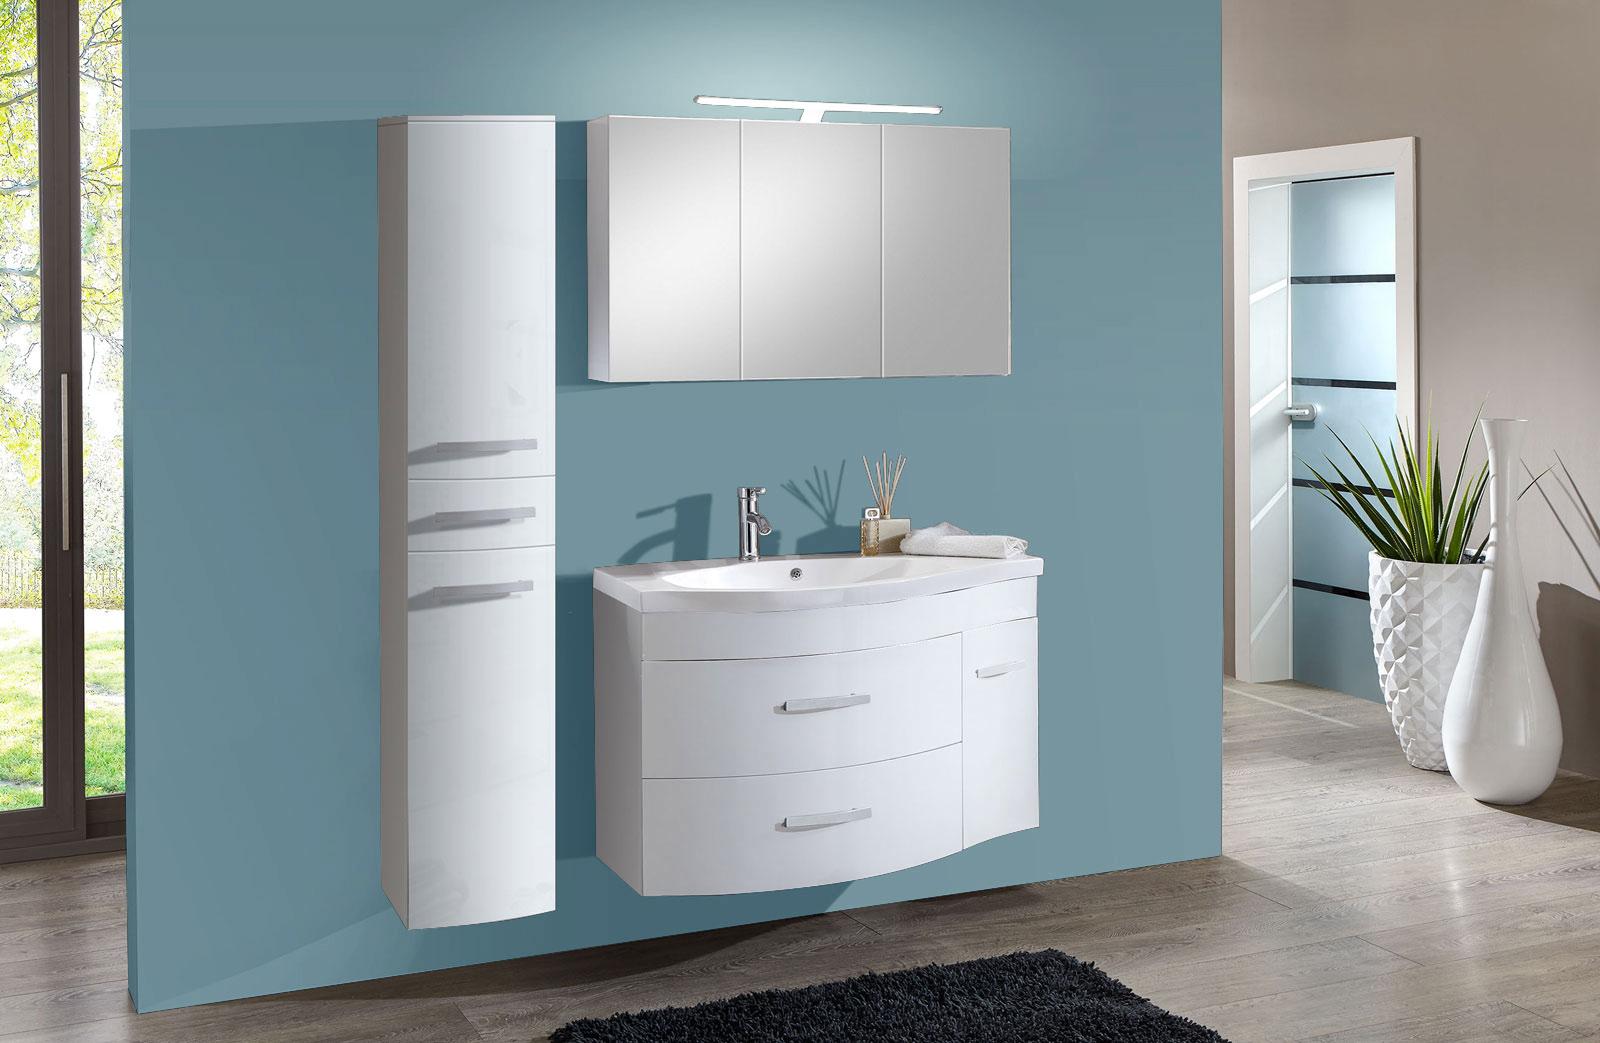 sam badm bel set 3tlg waschtisch 110cm hochglanz wei lugano xl. Black Bedroom Furniture Sets. Home Design Ideas